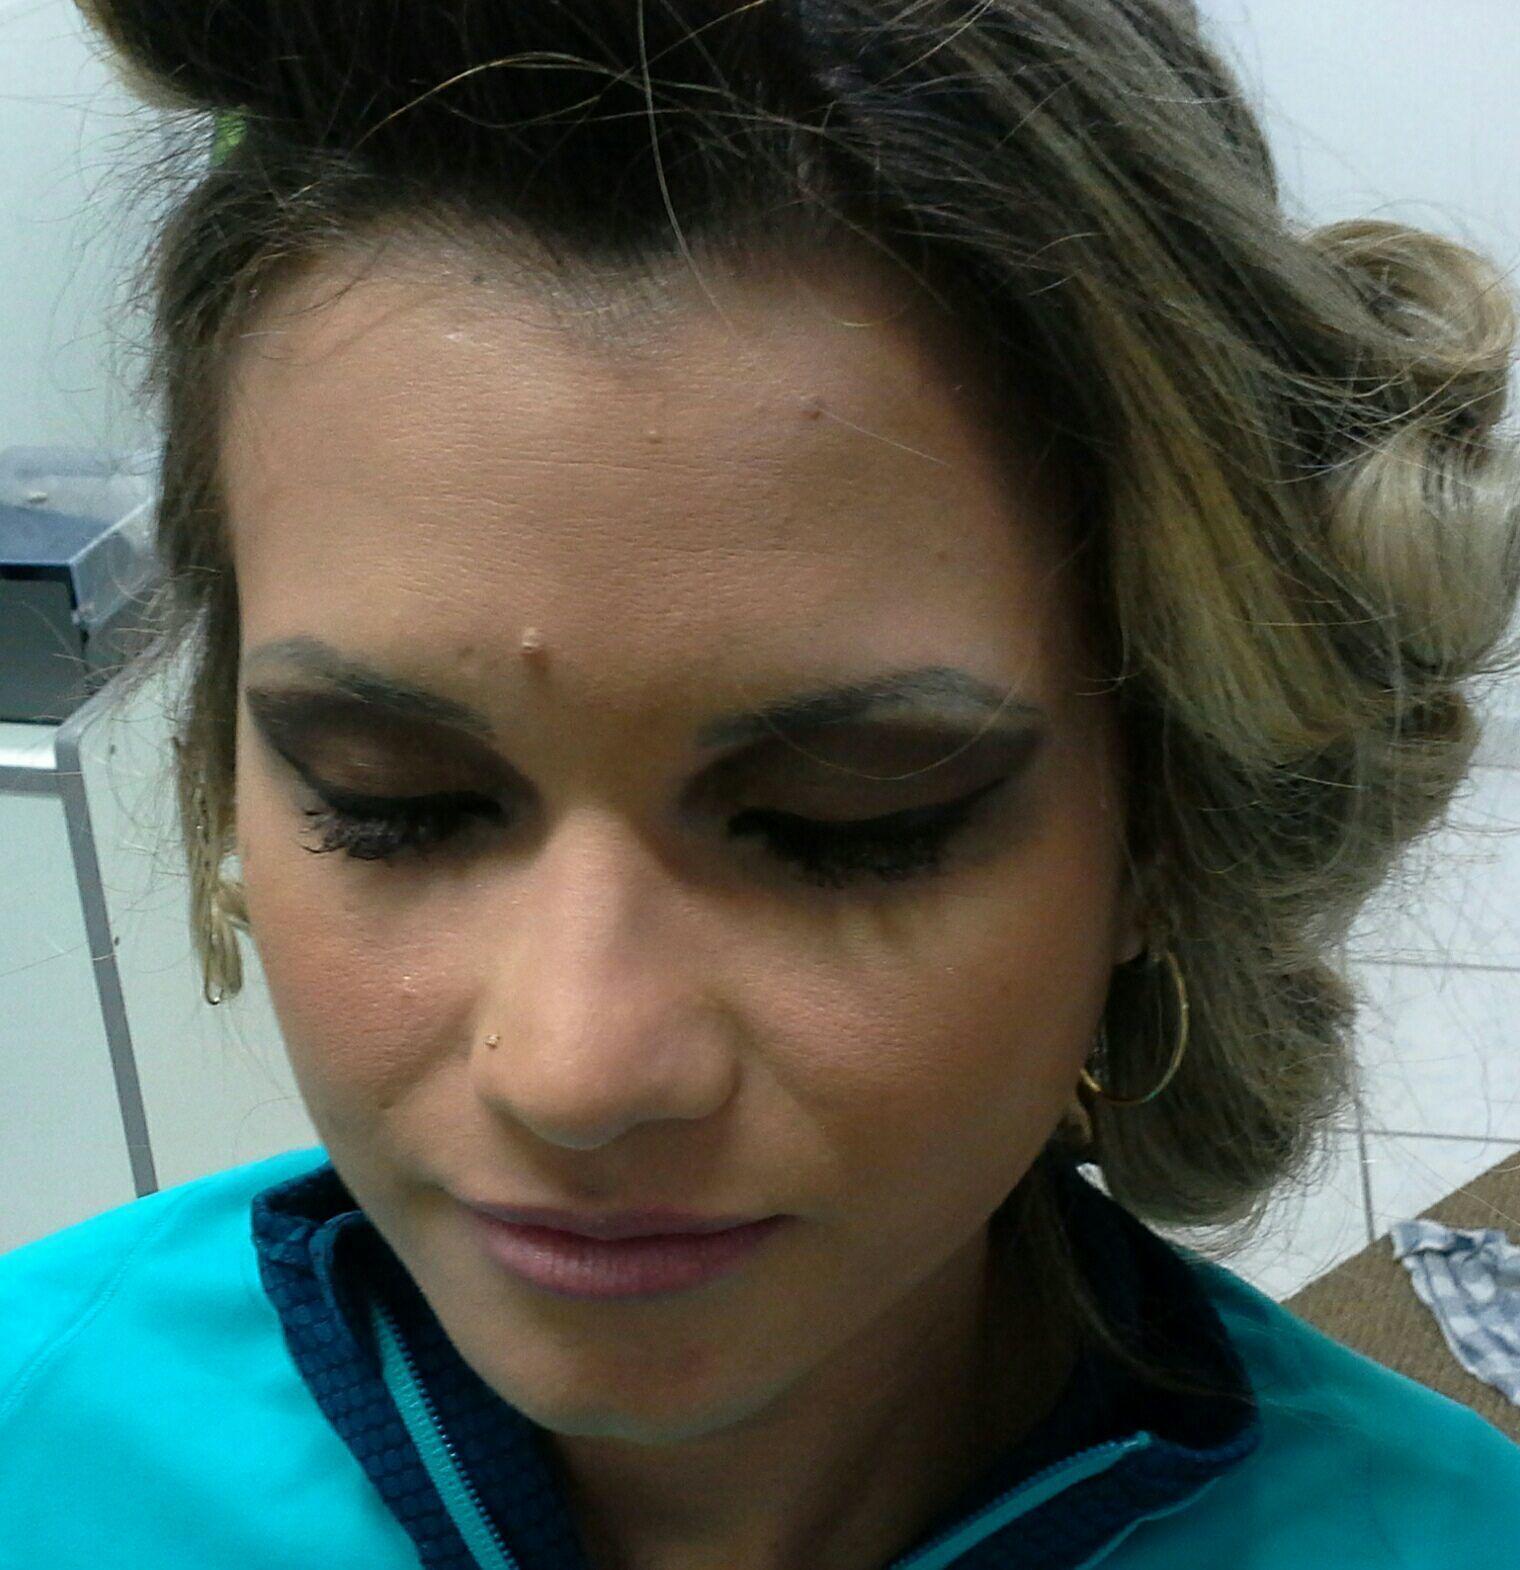 Maquiagem  para noite, cílios  postiços  que valorizam o  olhar maquiagem stylist / visagista cabeleireiro(a)